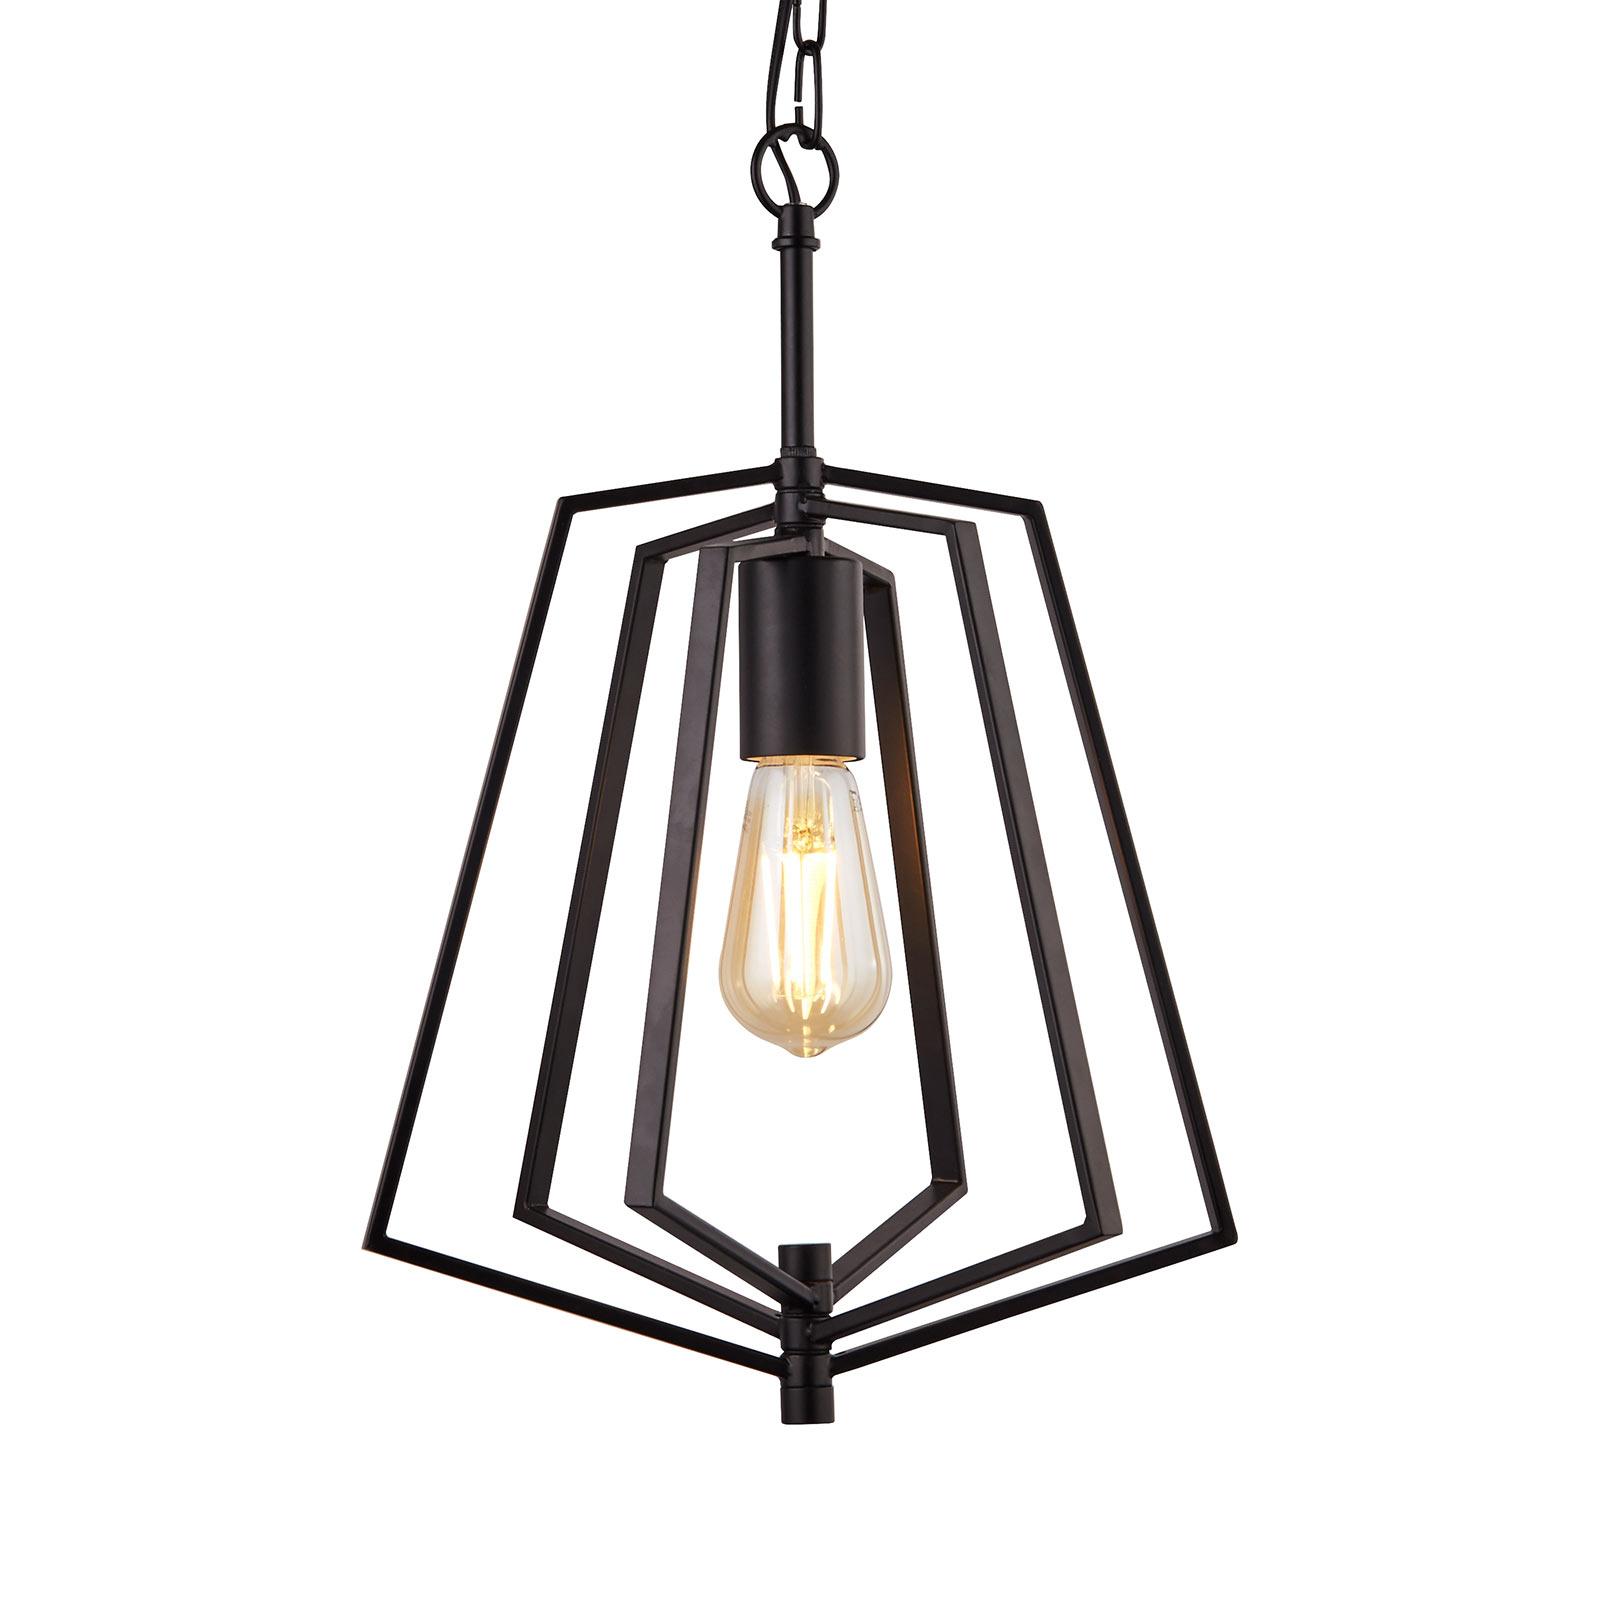 Lampa wisząca Slinky, 1-punktowa, czarna matowa